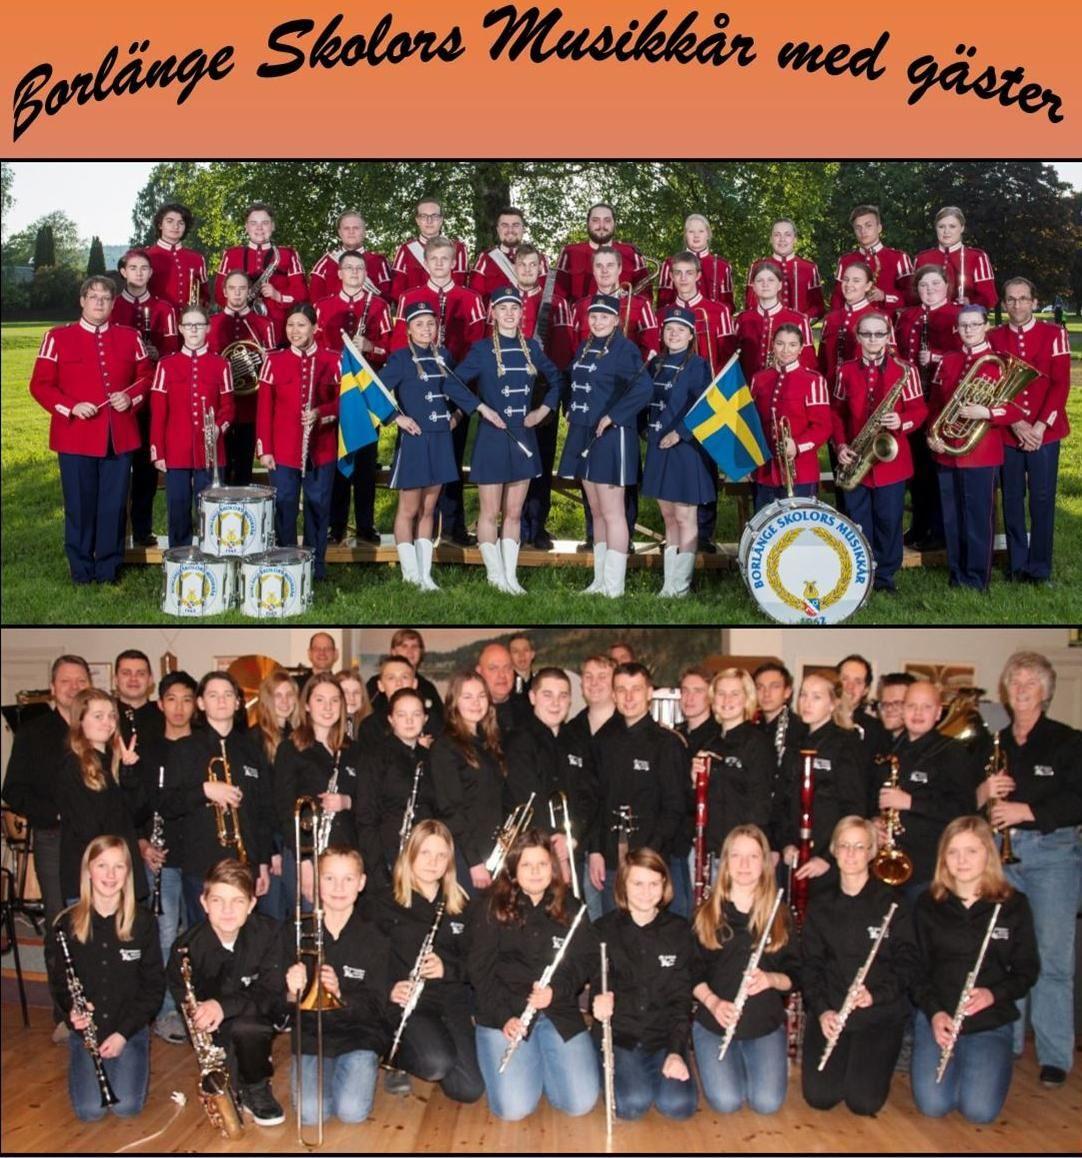 Borlänge Skolors Musikkår med gäster